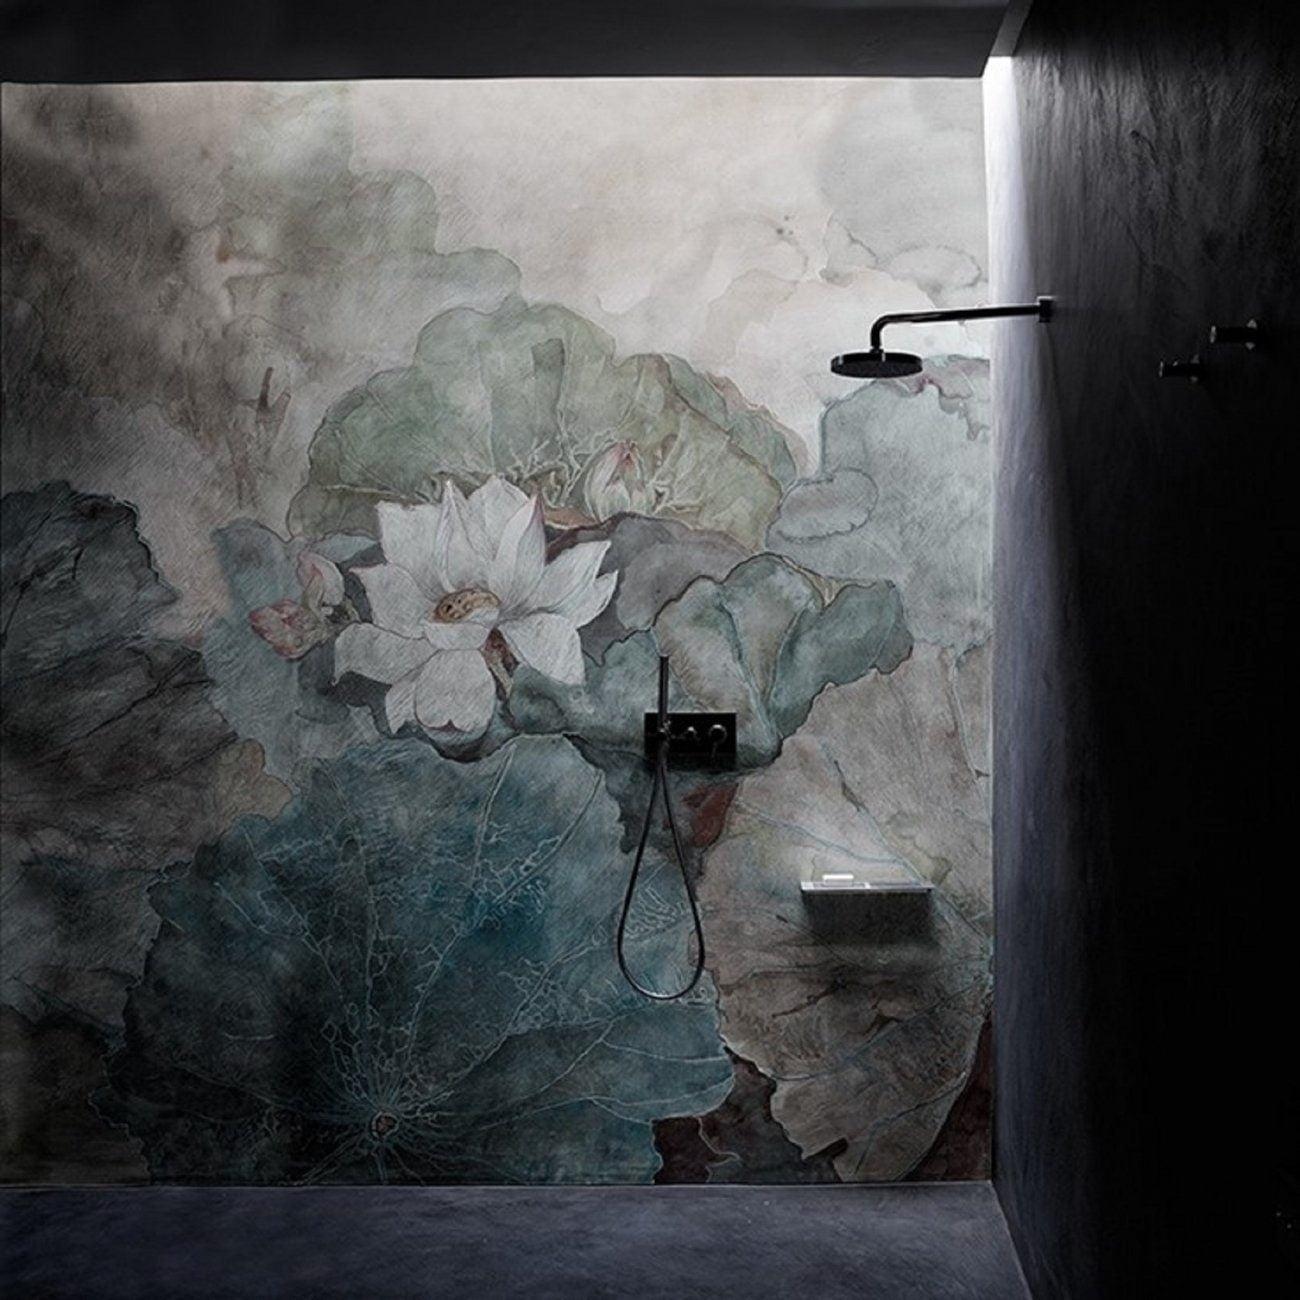 Floral αδιαβροχη ταπετσαρια ντουζιερας